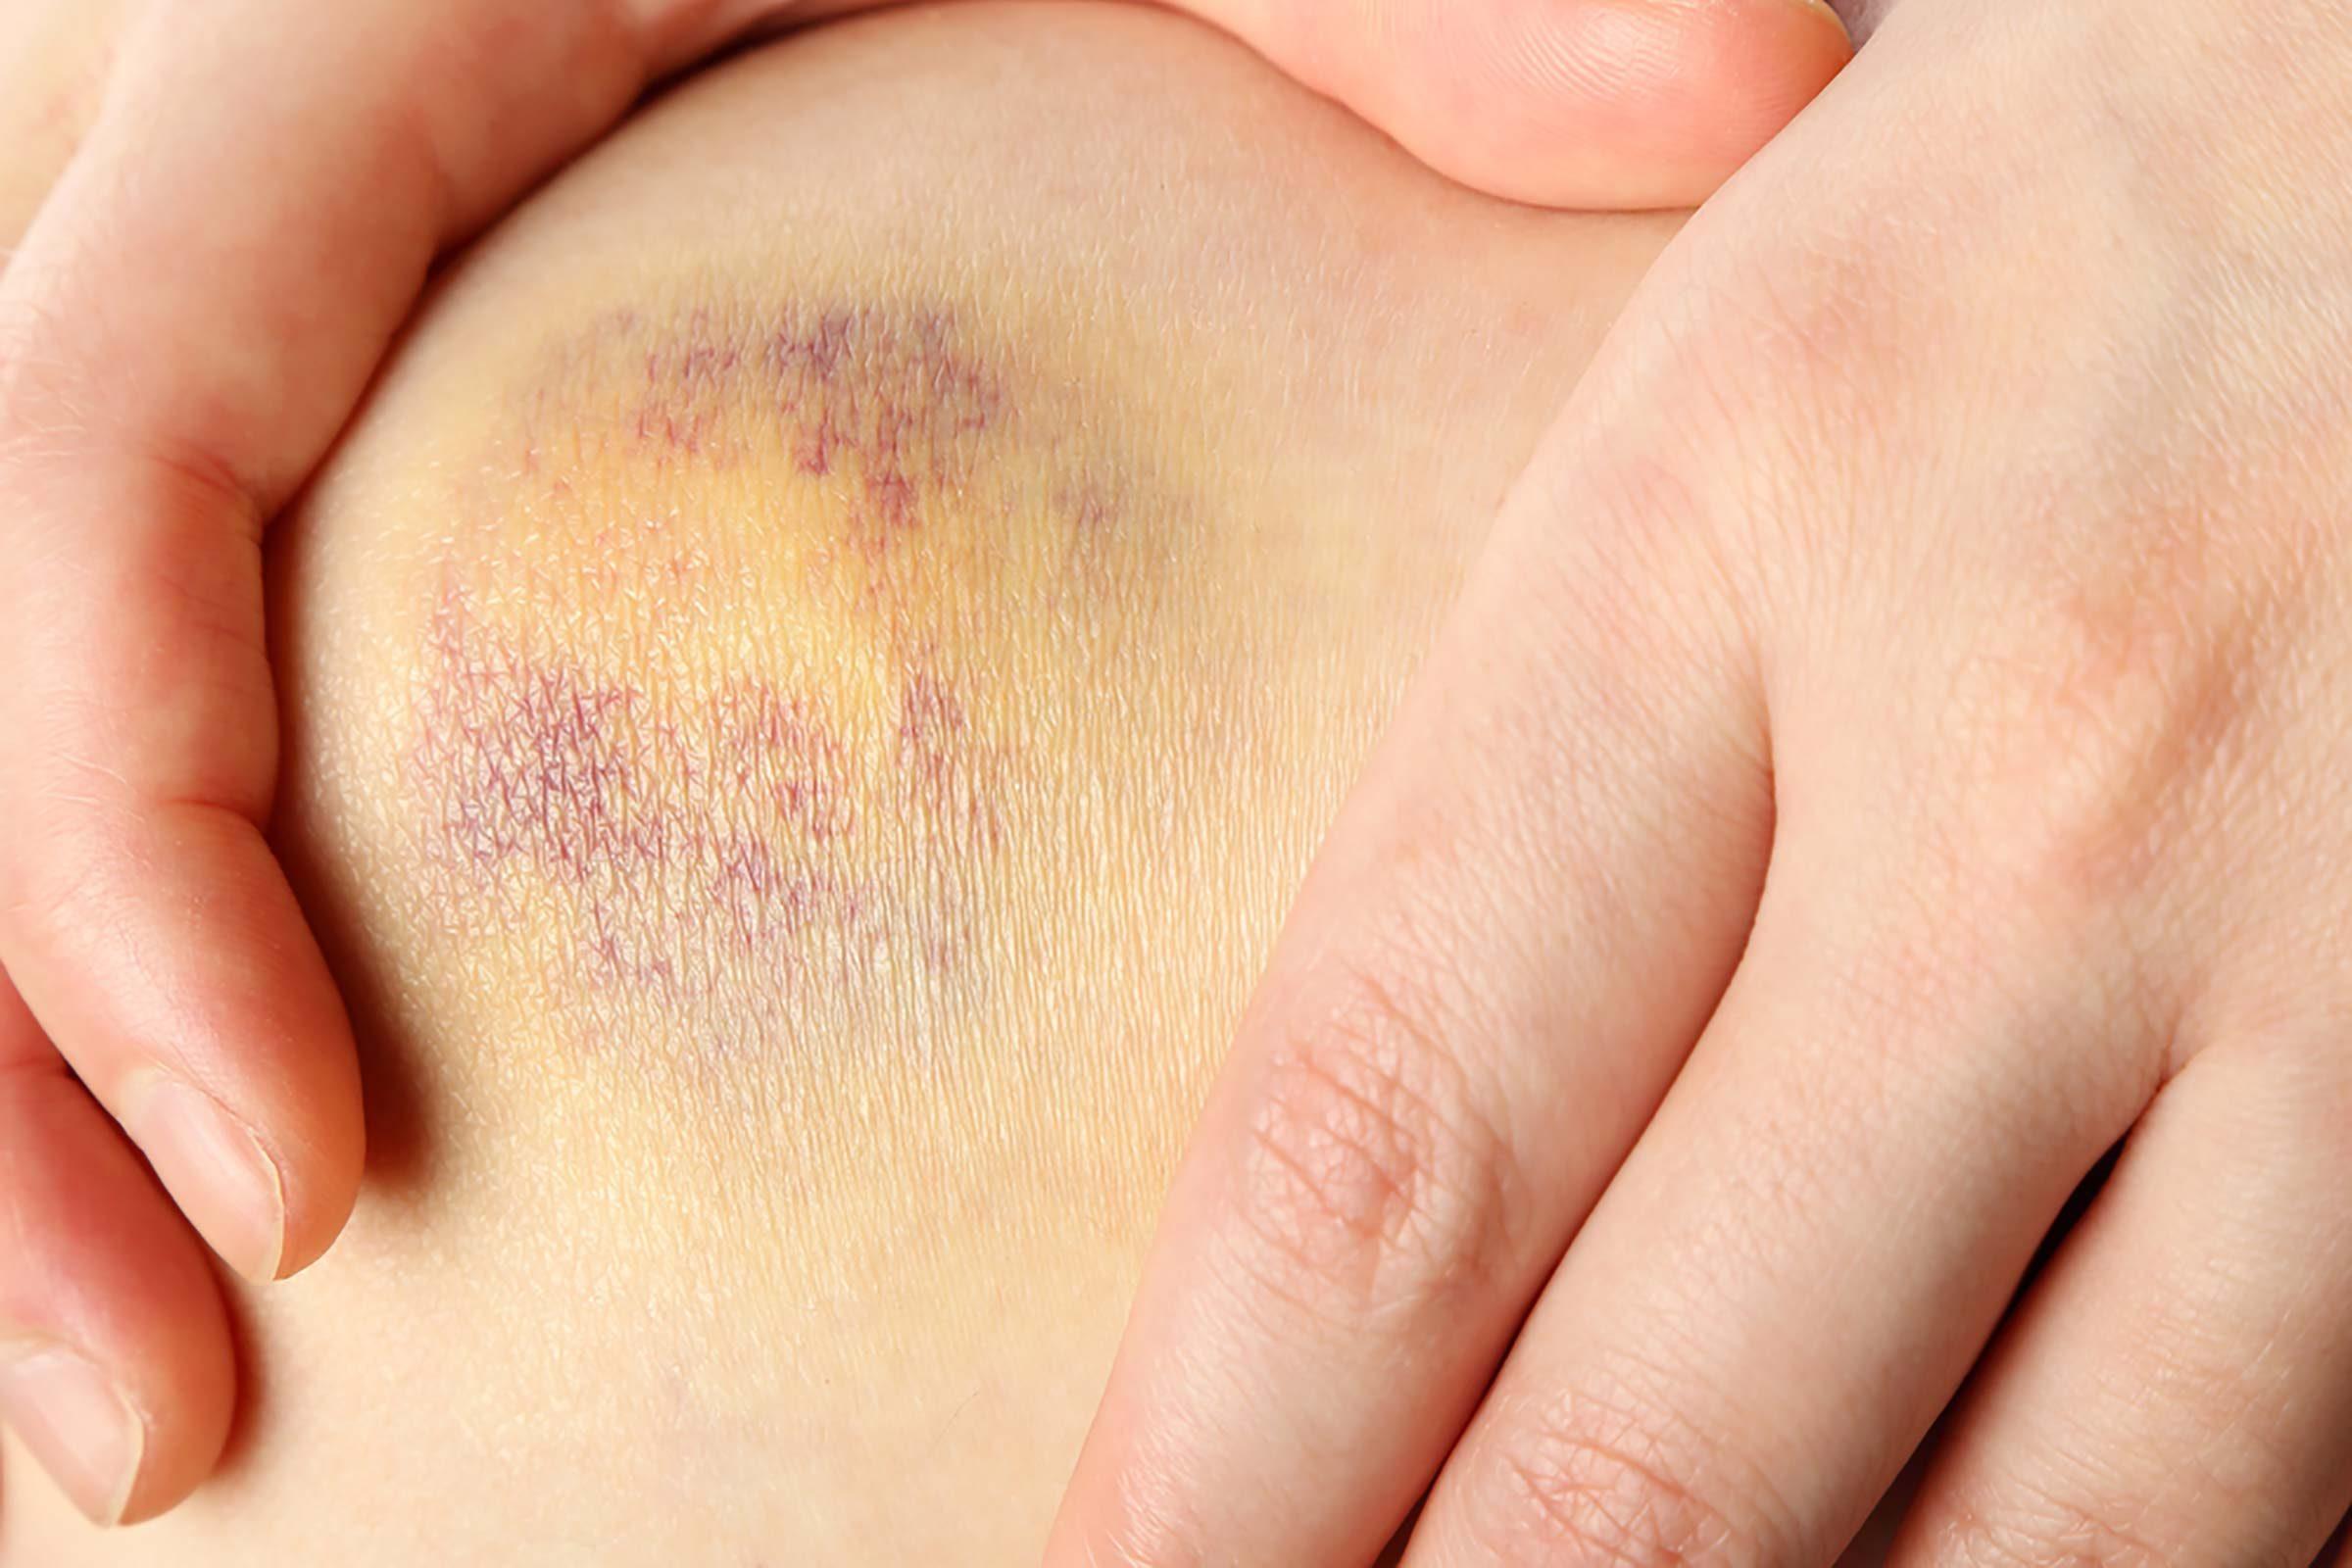 bruise on knee